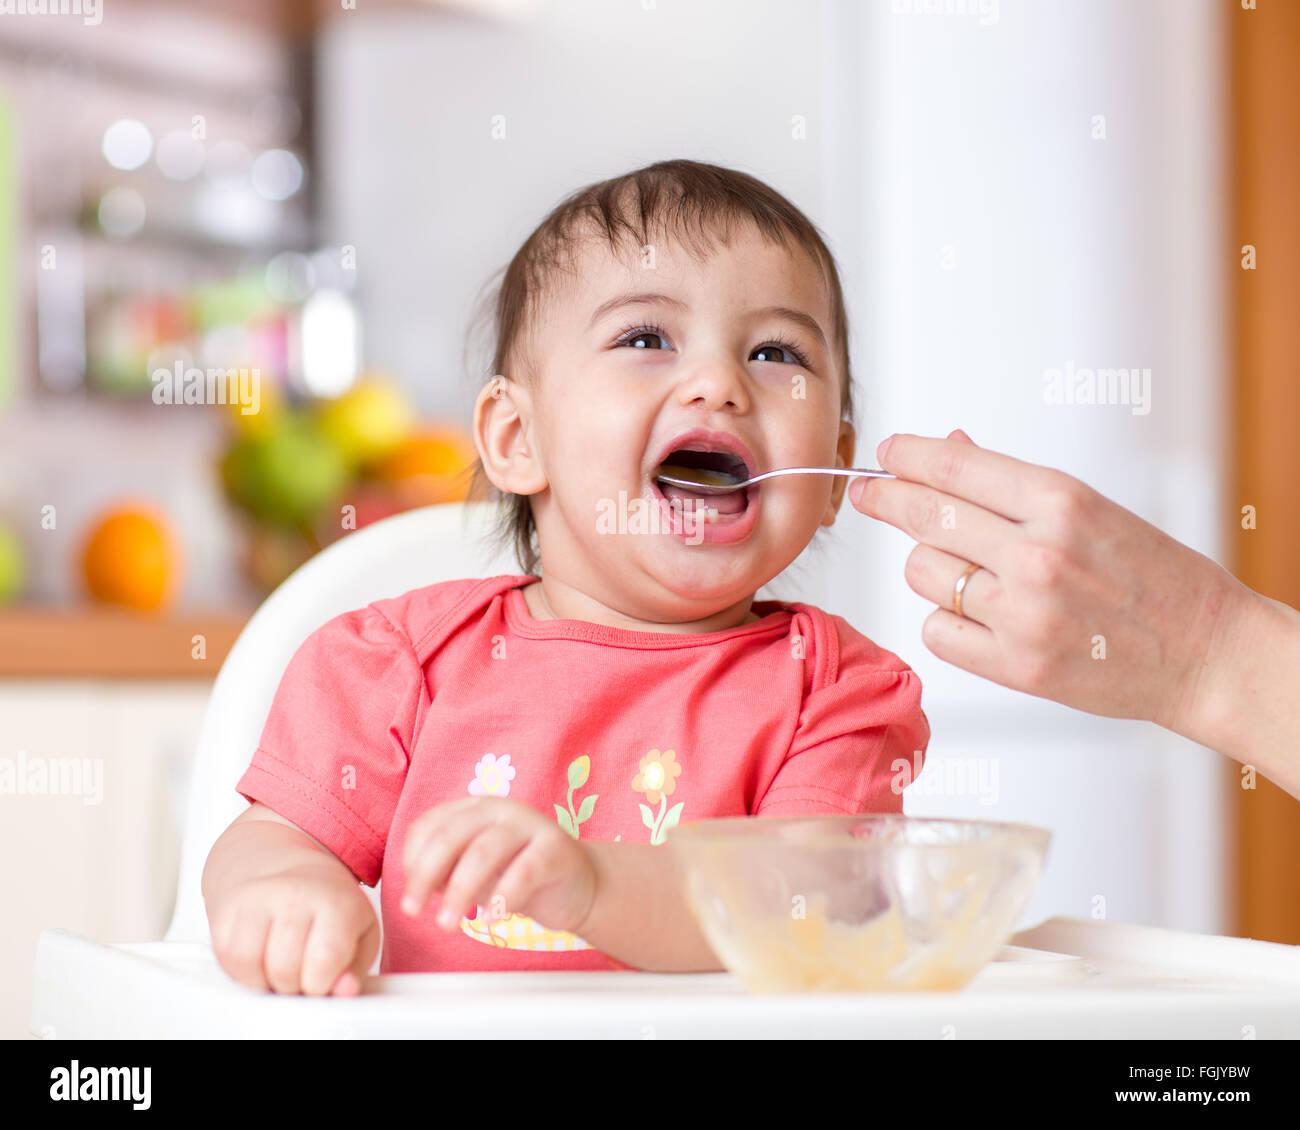 Smiling baby de manger des aliments sur la cuisine Photo Stock